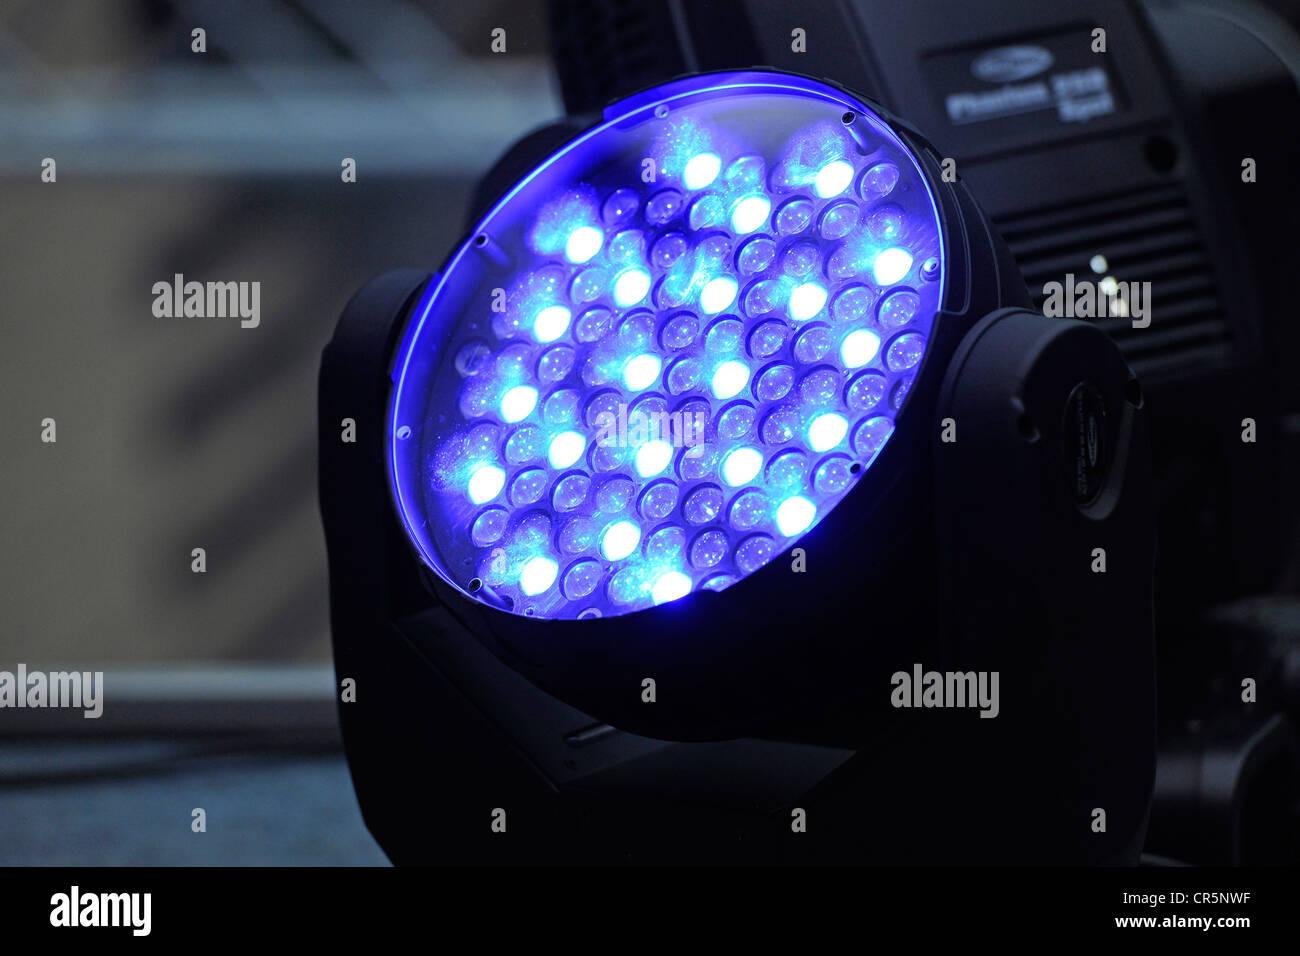 Event Beleuchtung, Laser-Licht, Blaulicht Stockbild